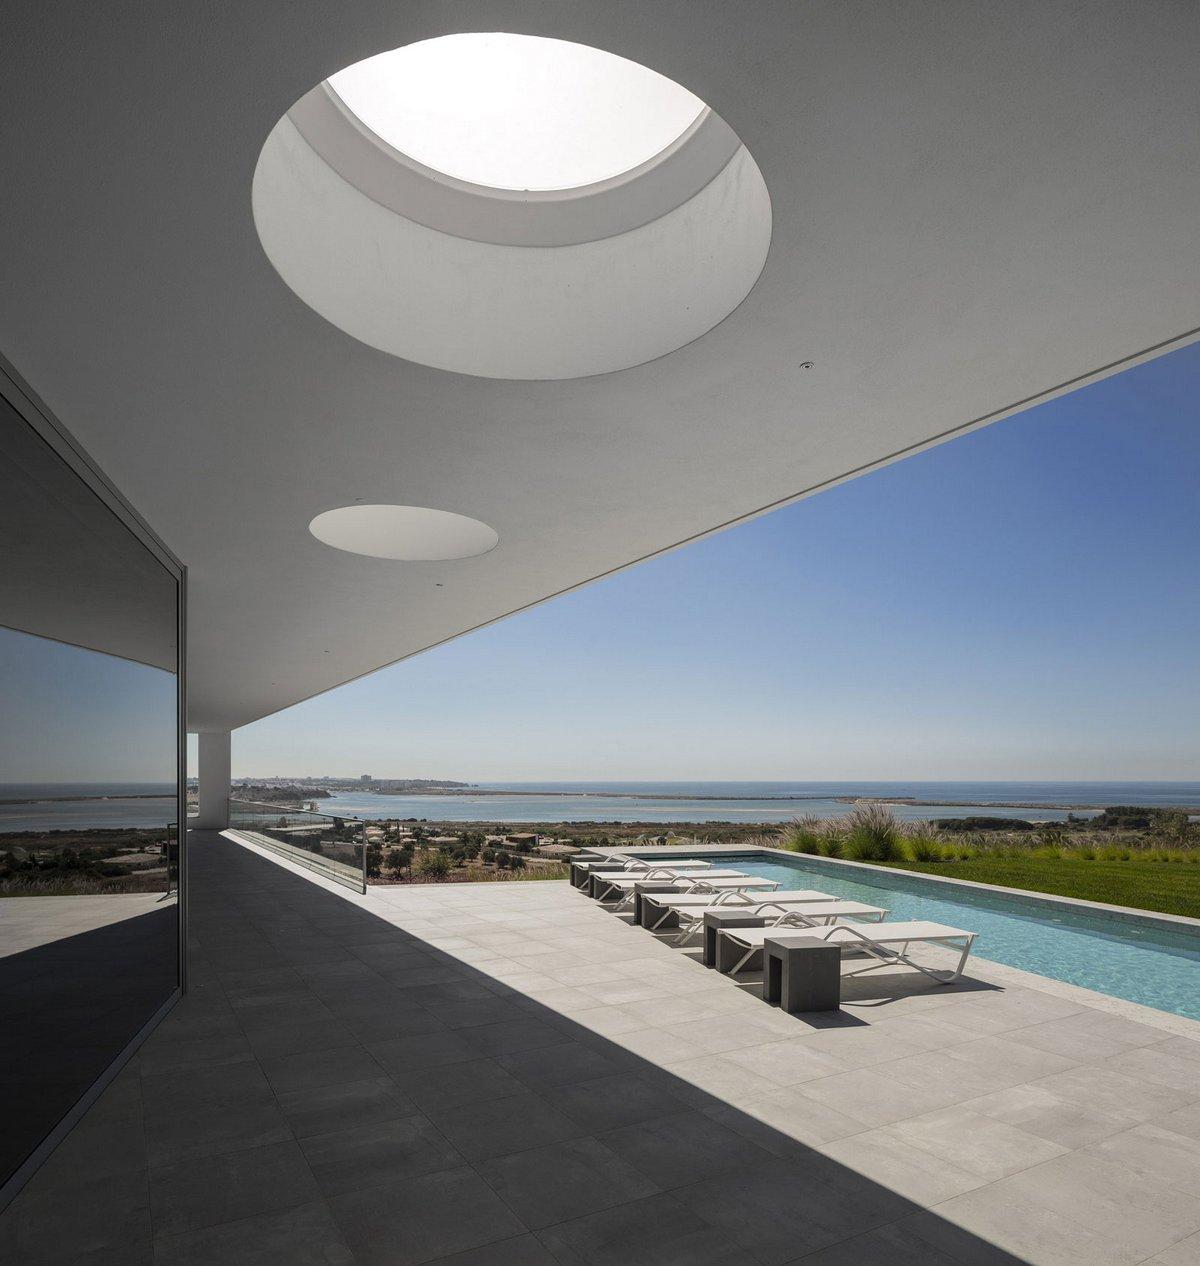 Mario Martins Atelier, Zauia House, обзоры частных домов, обзоры роскошных домов мира, шикарный дом в Португалии, схема дома, одноэтажный дома фото